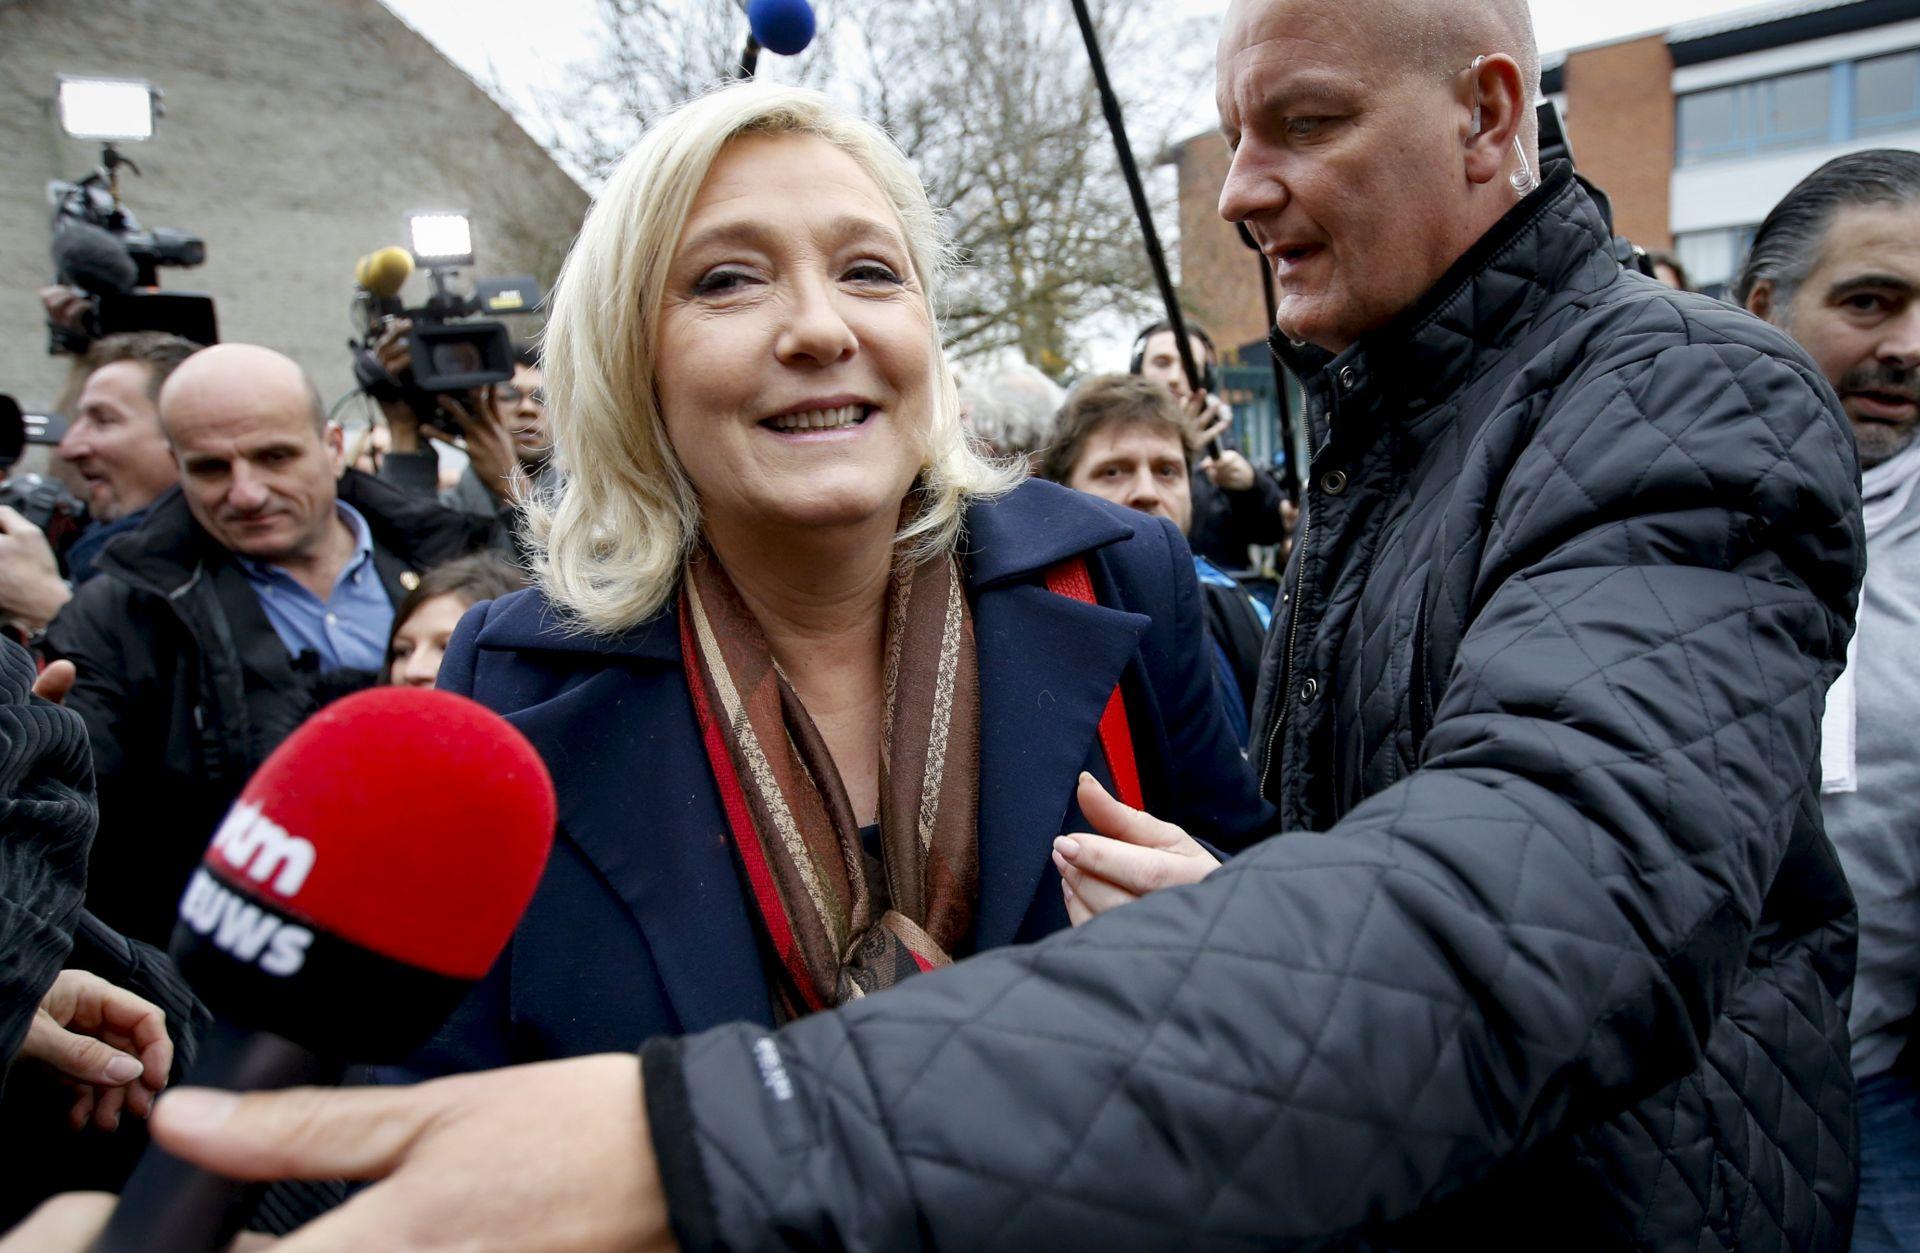 PREDSJEDNIČKI IZBORI: Sukobi na skupu Le Pen na Korzici